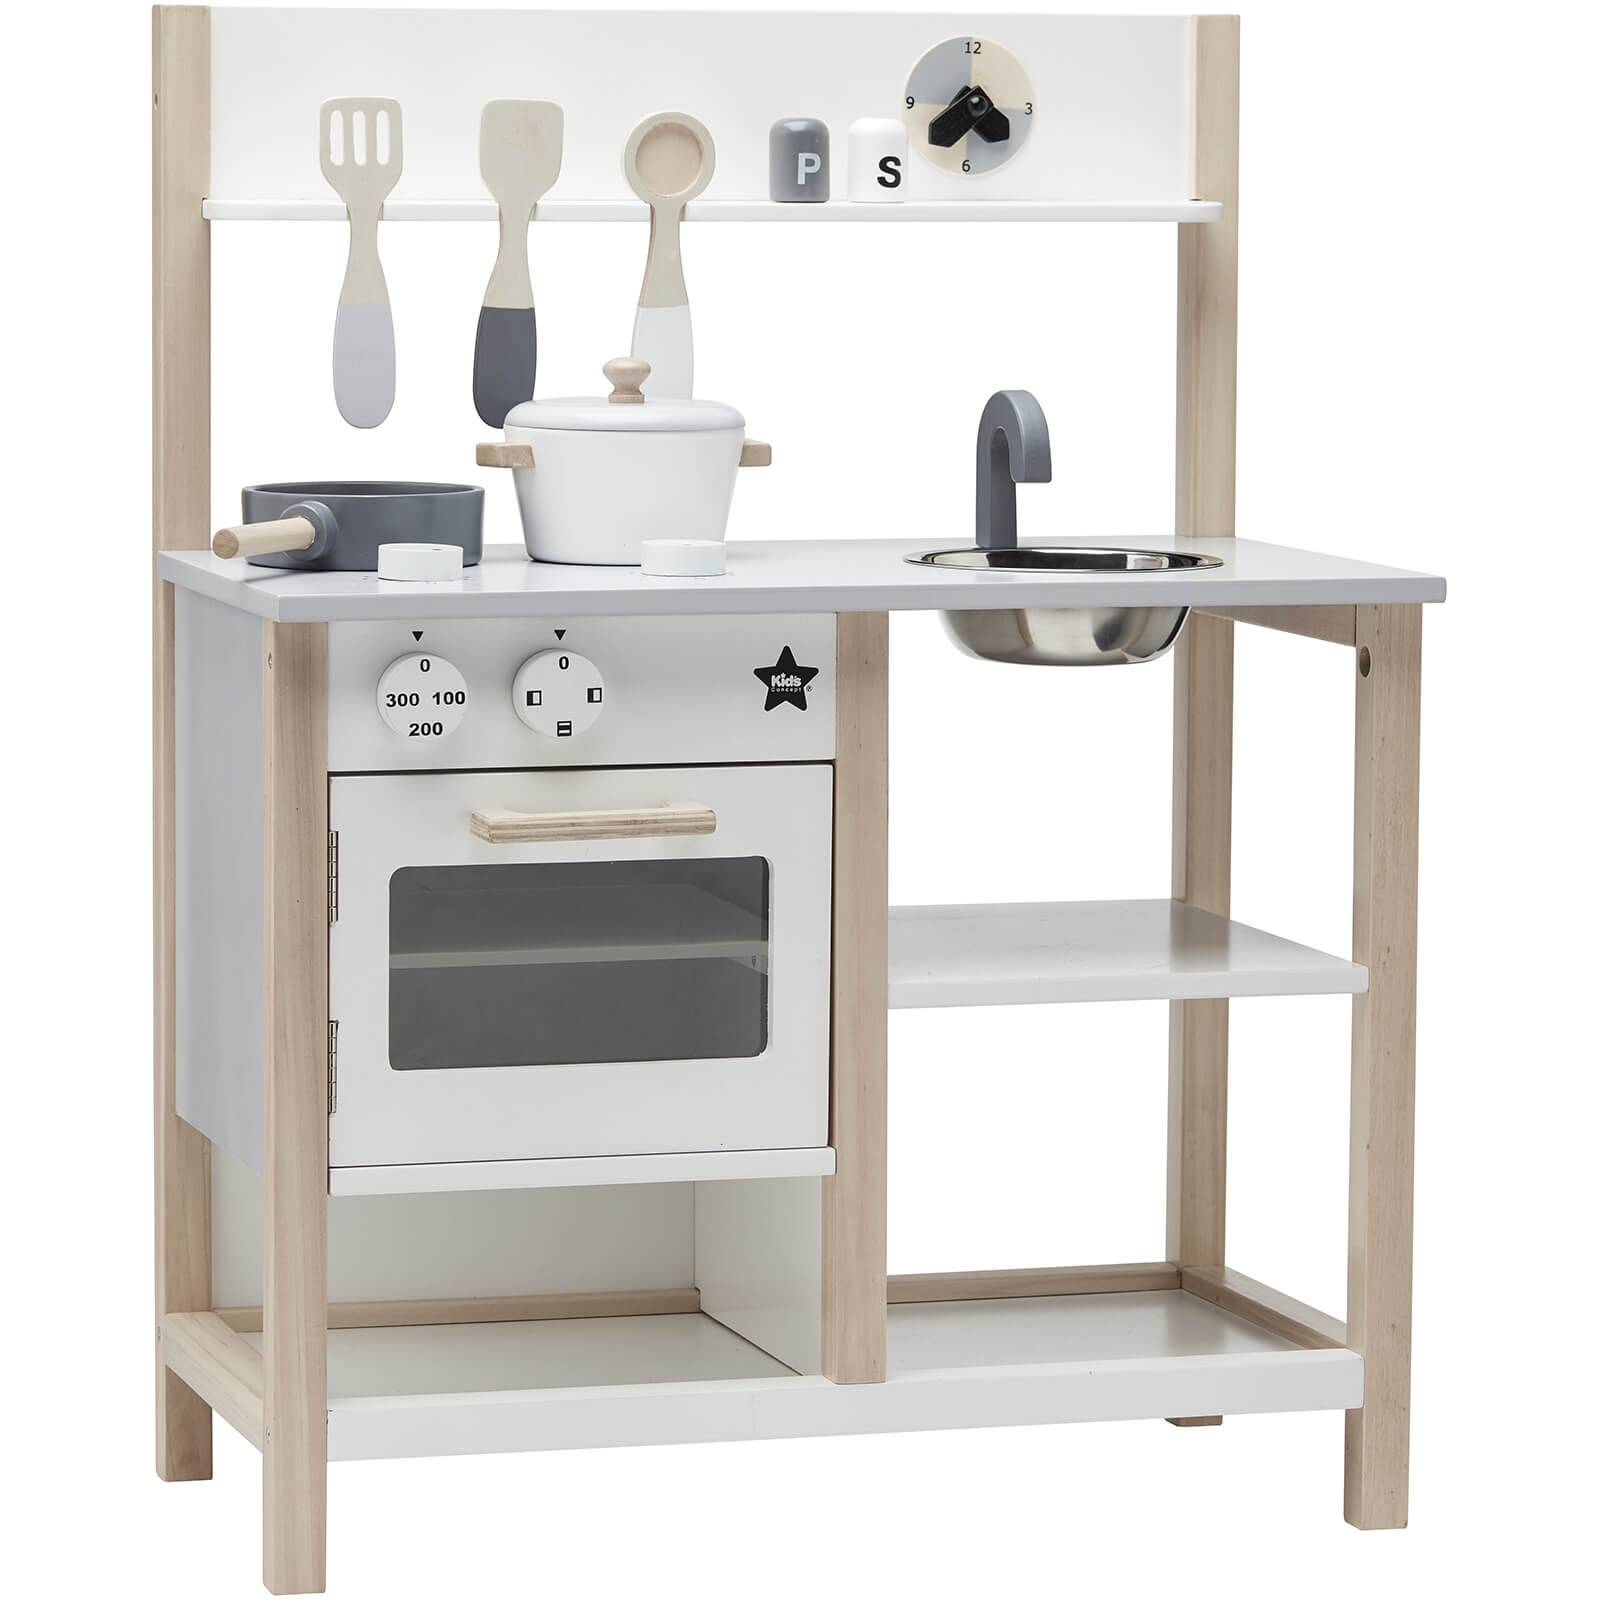 Kids Concept Kitchen - Natural/White